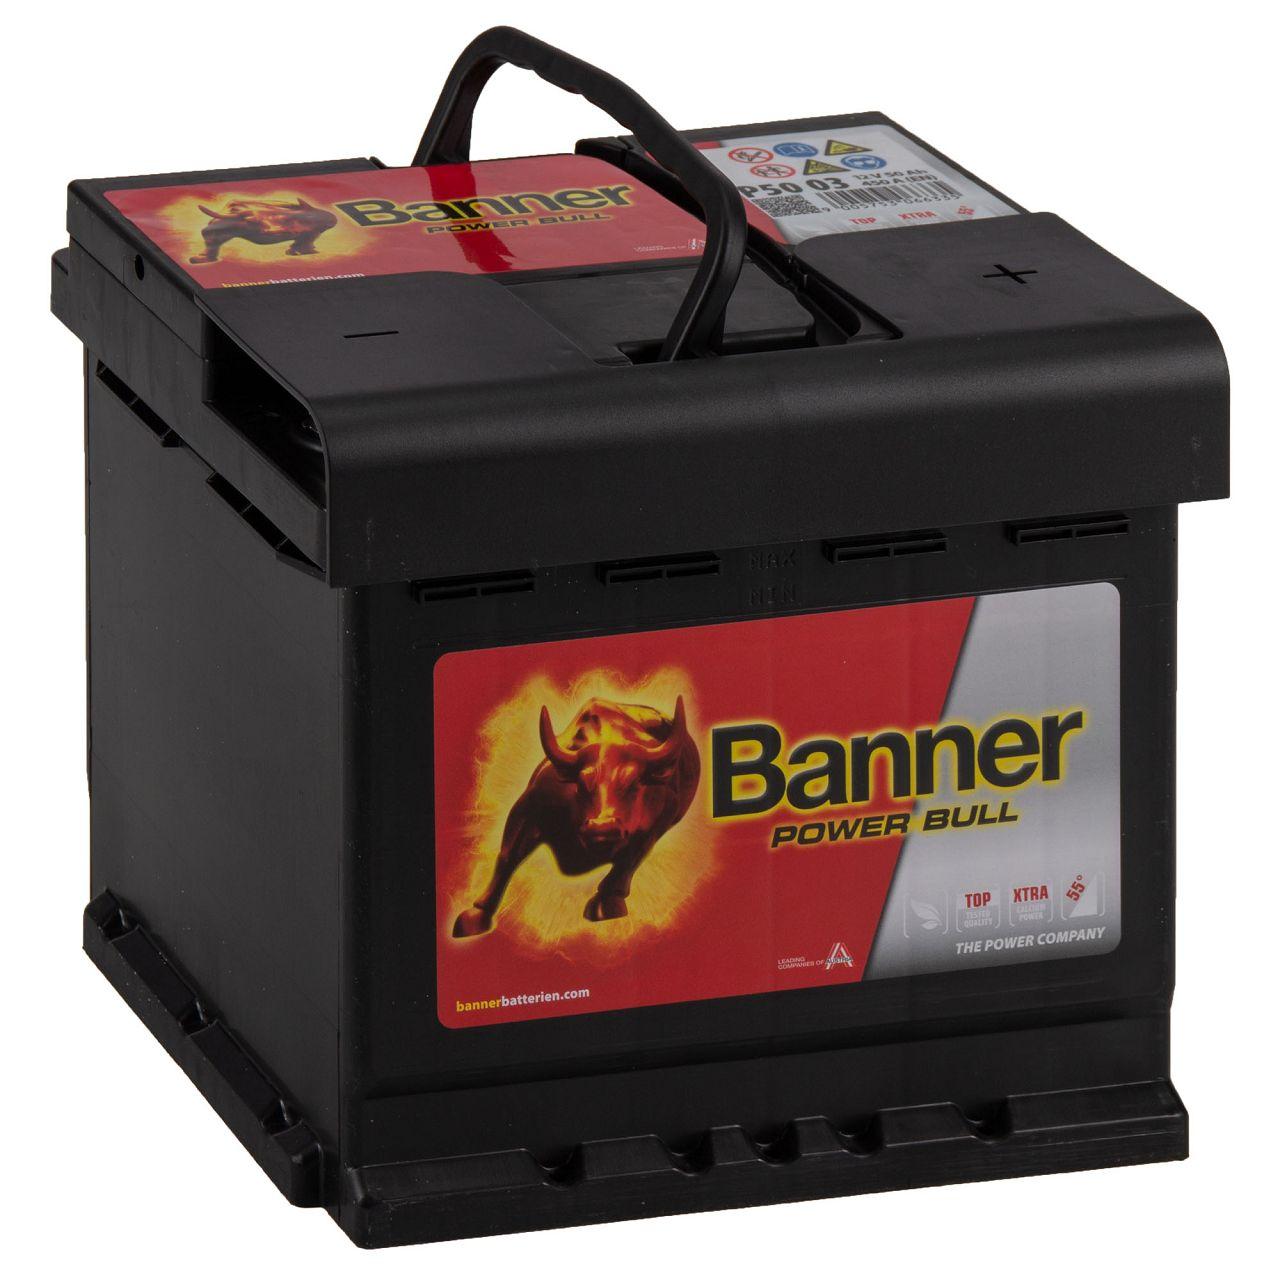 BANNER 55003 P5003 Power Bull Autobatterie Batterie 12V 50Ah 450A